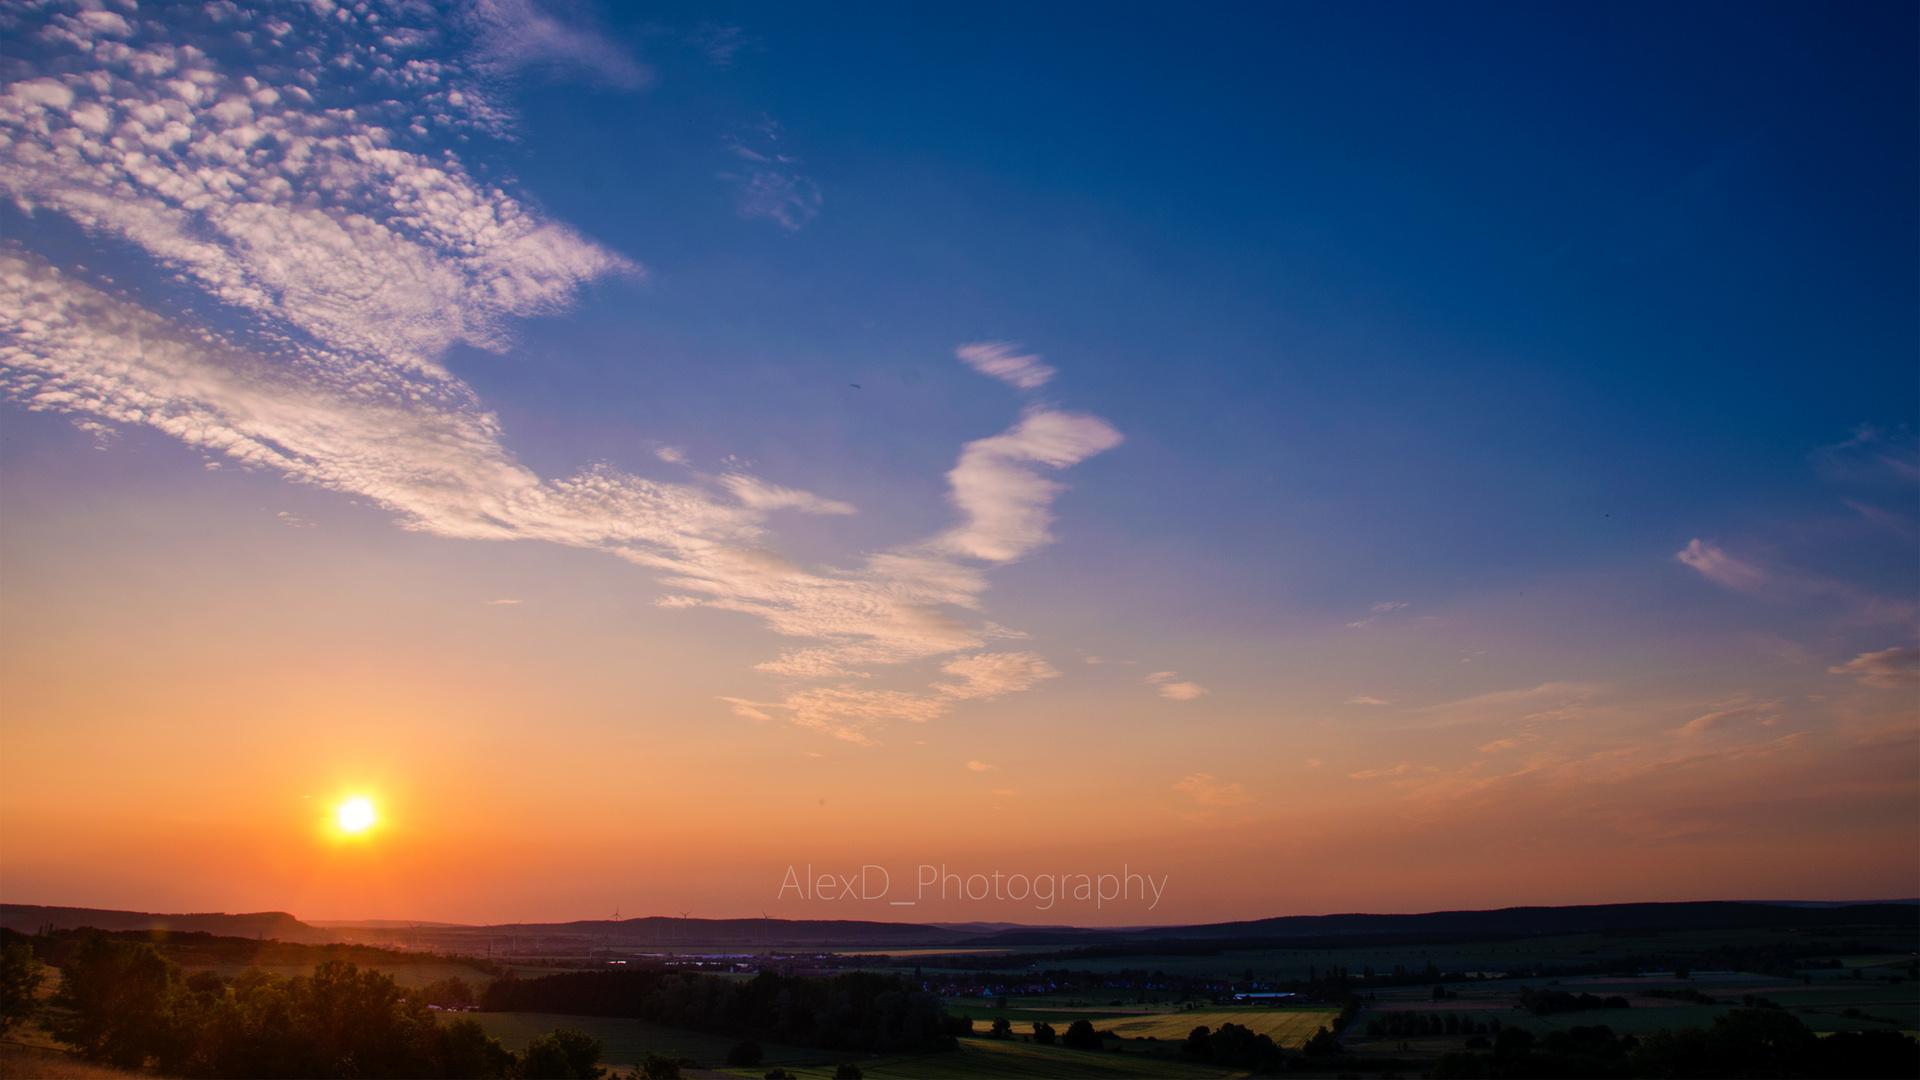 Sonnentergang am blauen Himmel